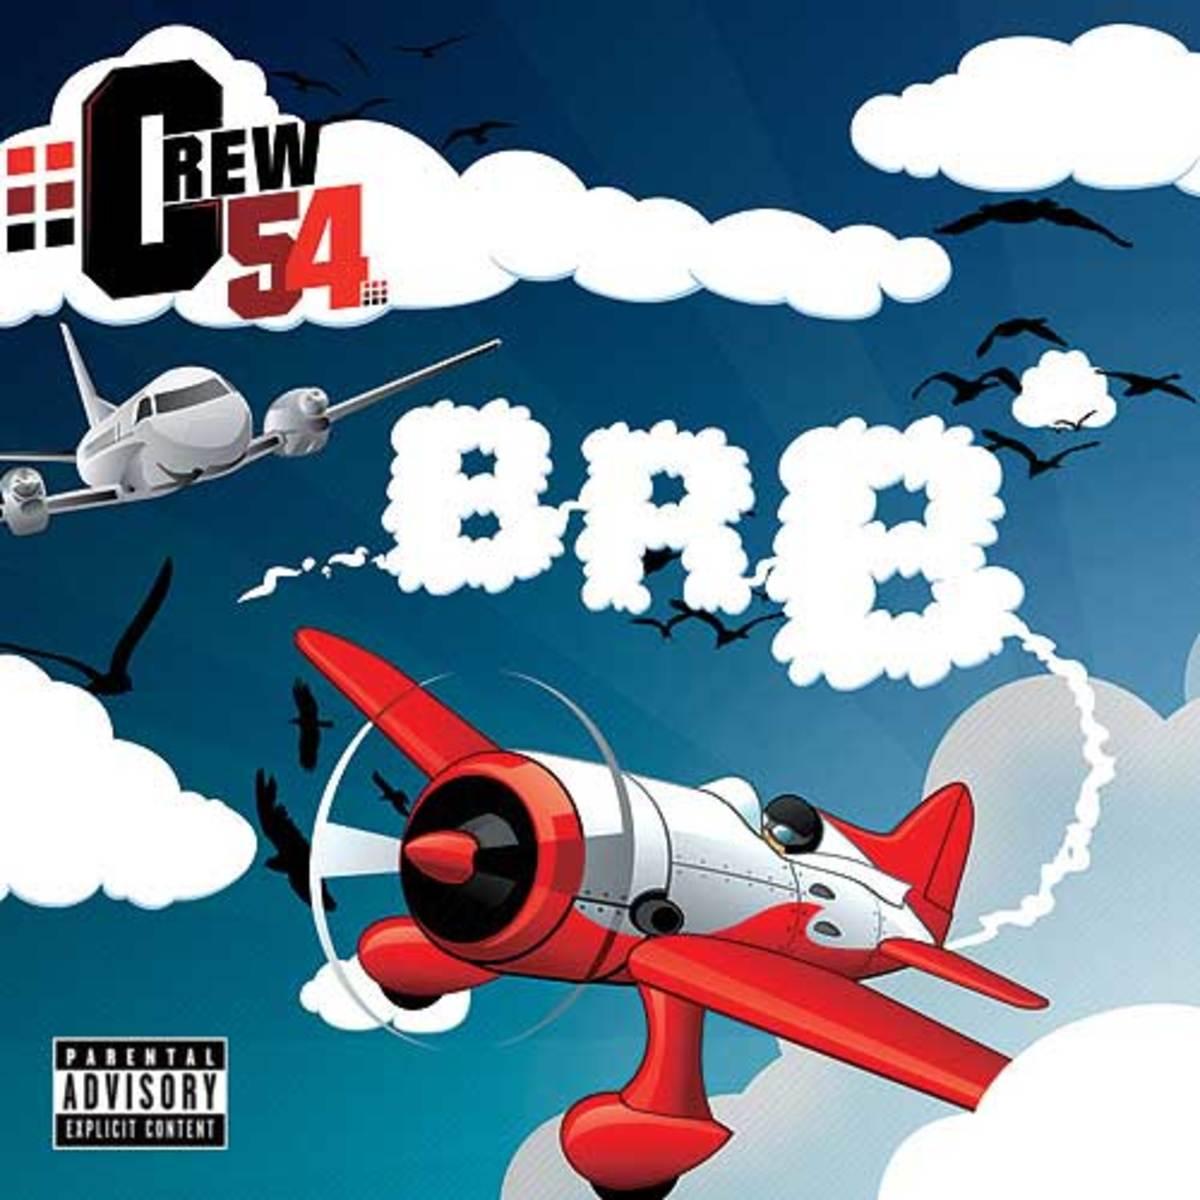 crew54-brb.jpg